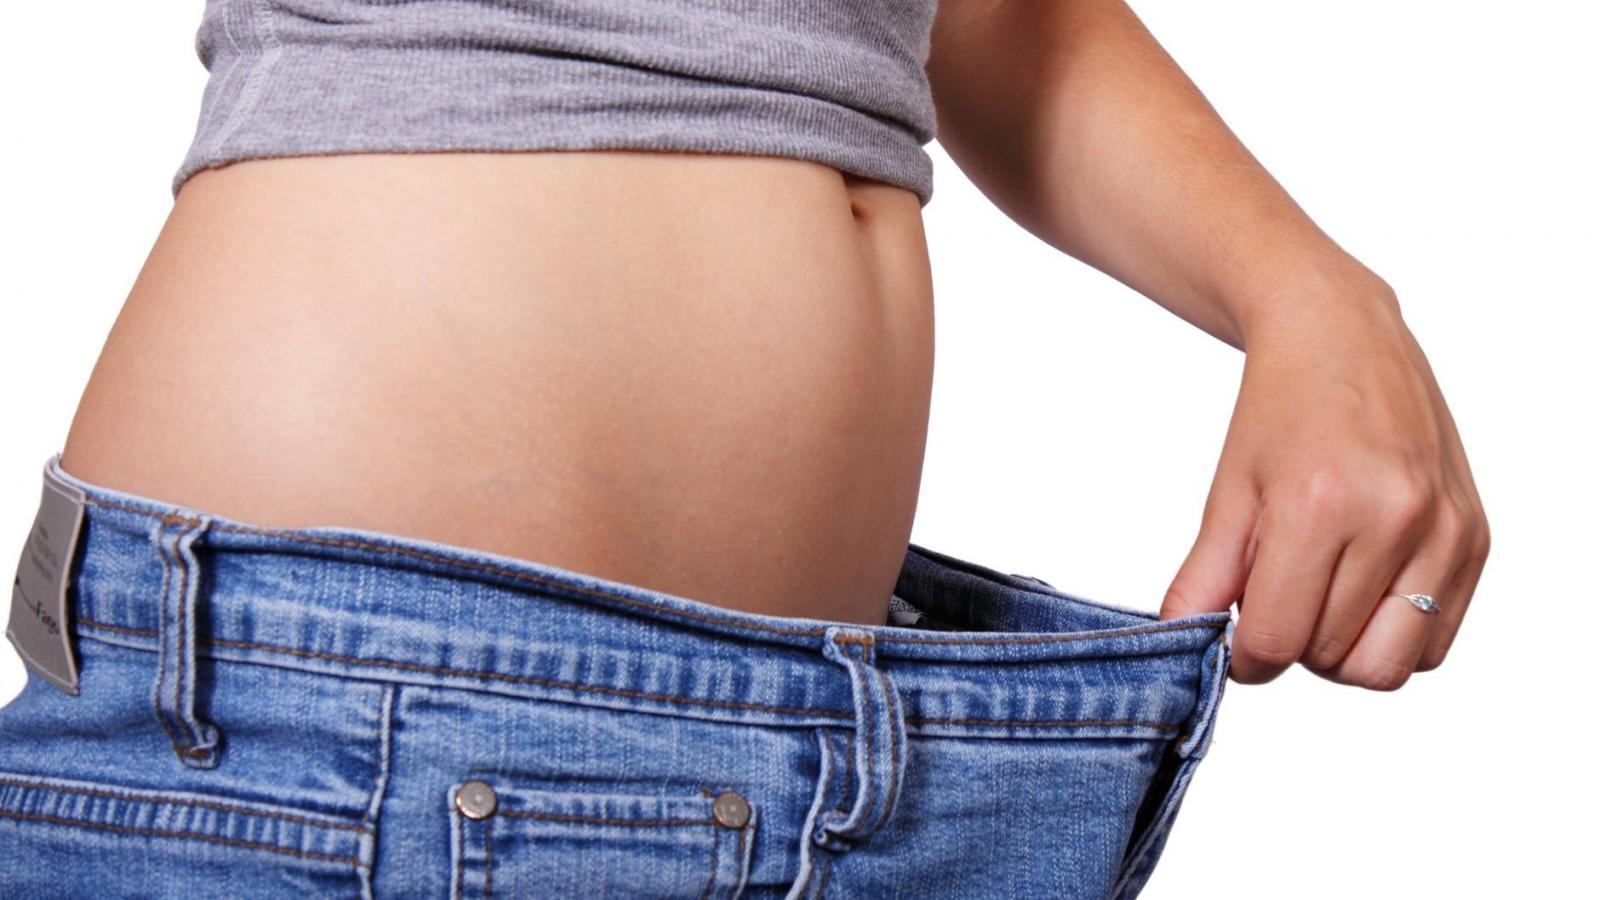 béta-blokkolók a fogyáshoz elveszíti a hasi zsírt fekvenyomás segítségével